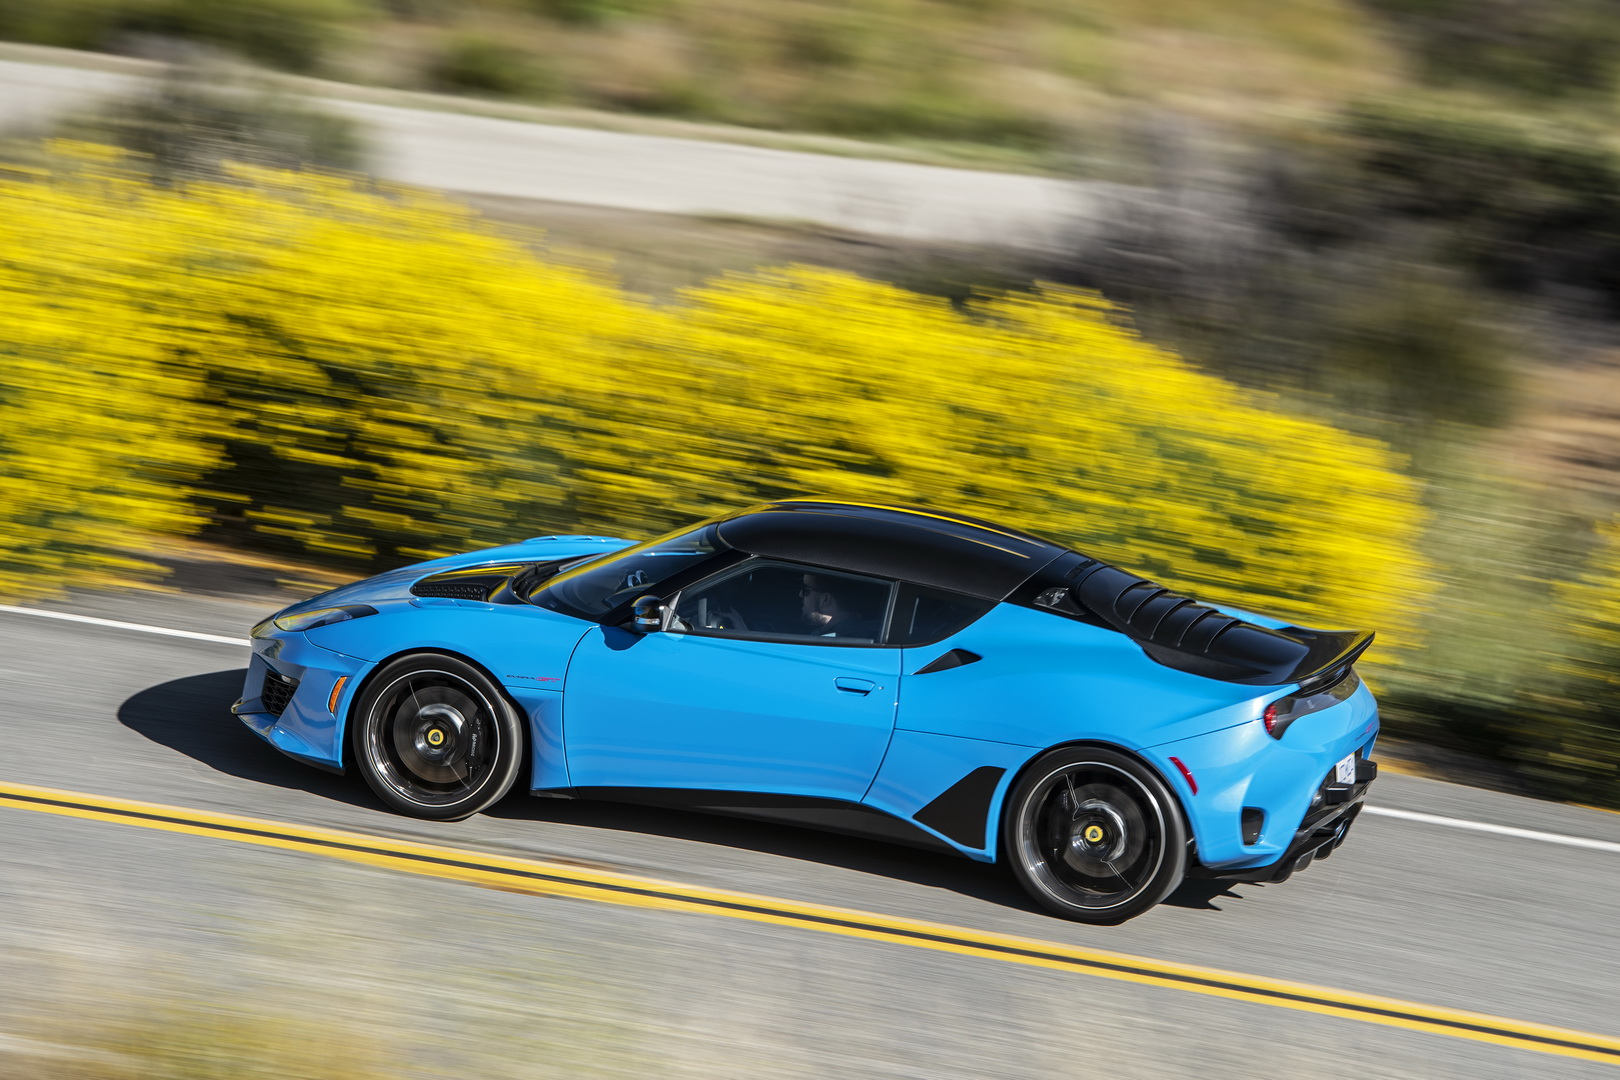 2020 Lotus Evora GT – поголема моќност и помала тежина / ФОТО